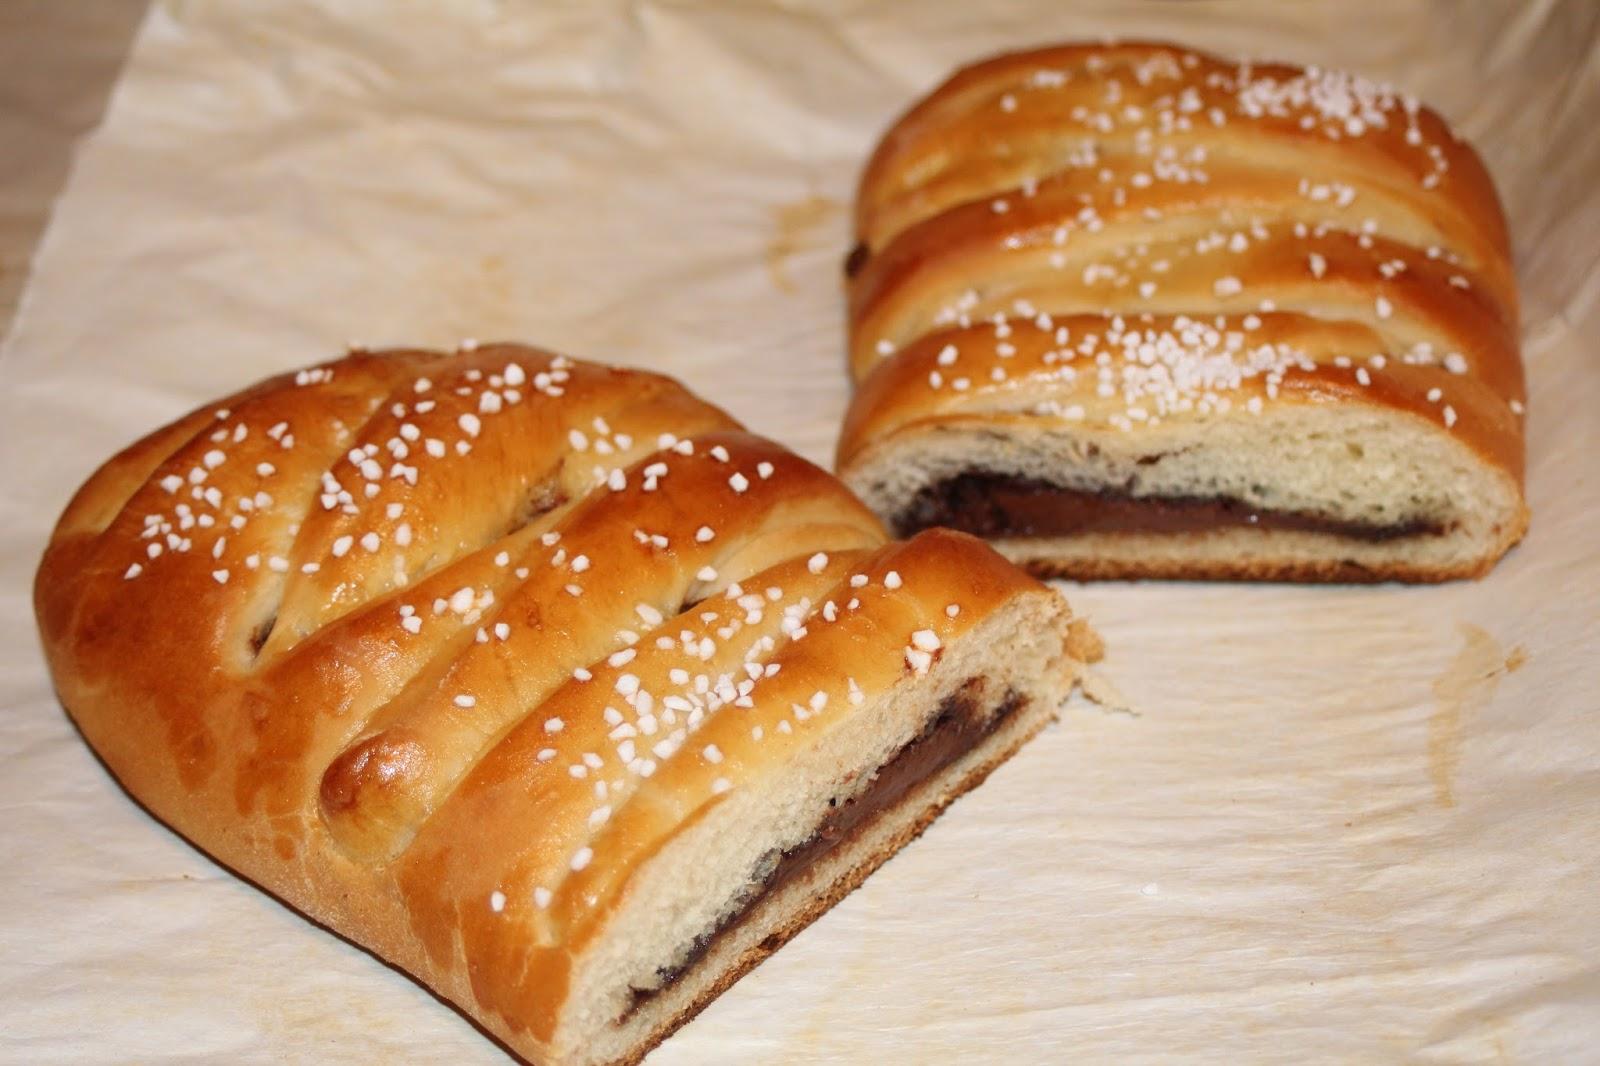 Julie Bakes: Nutella stuffed bread